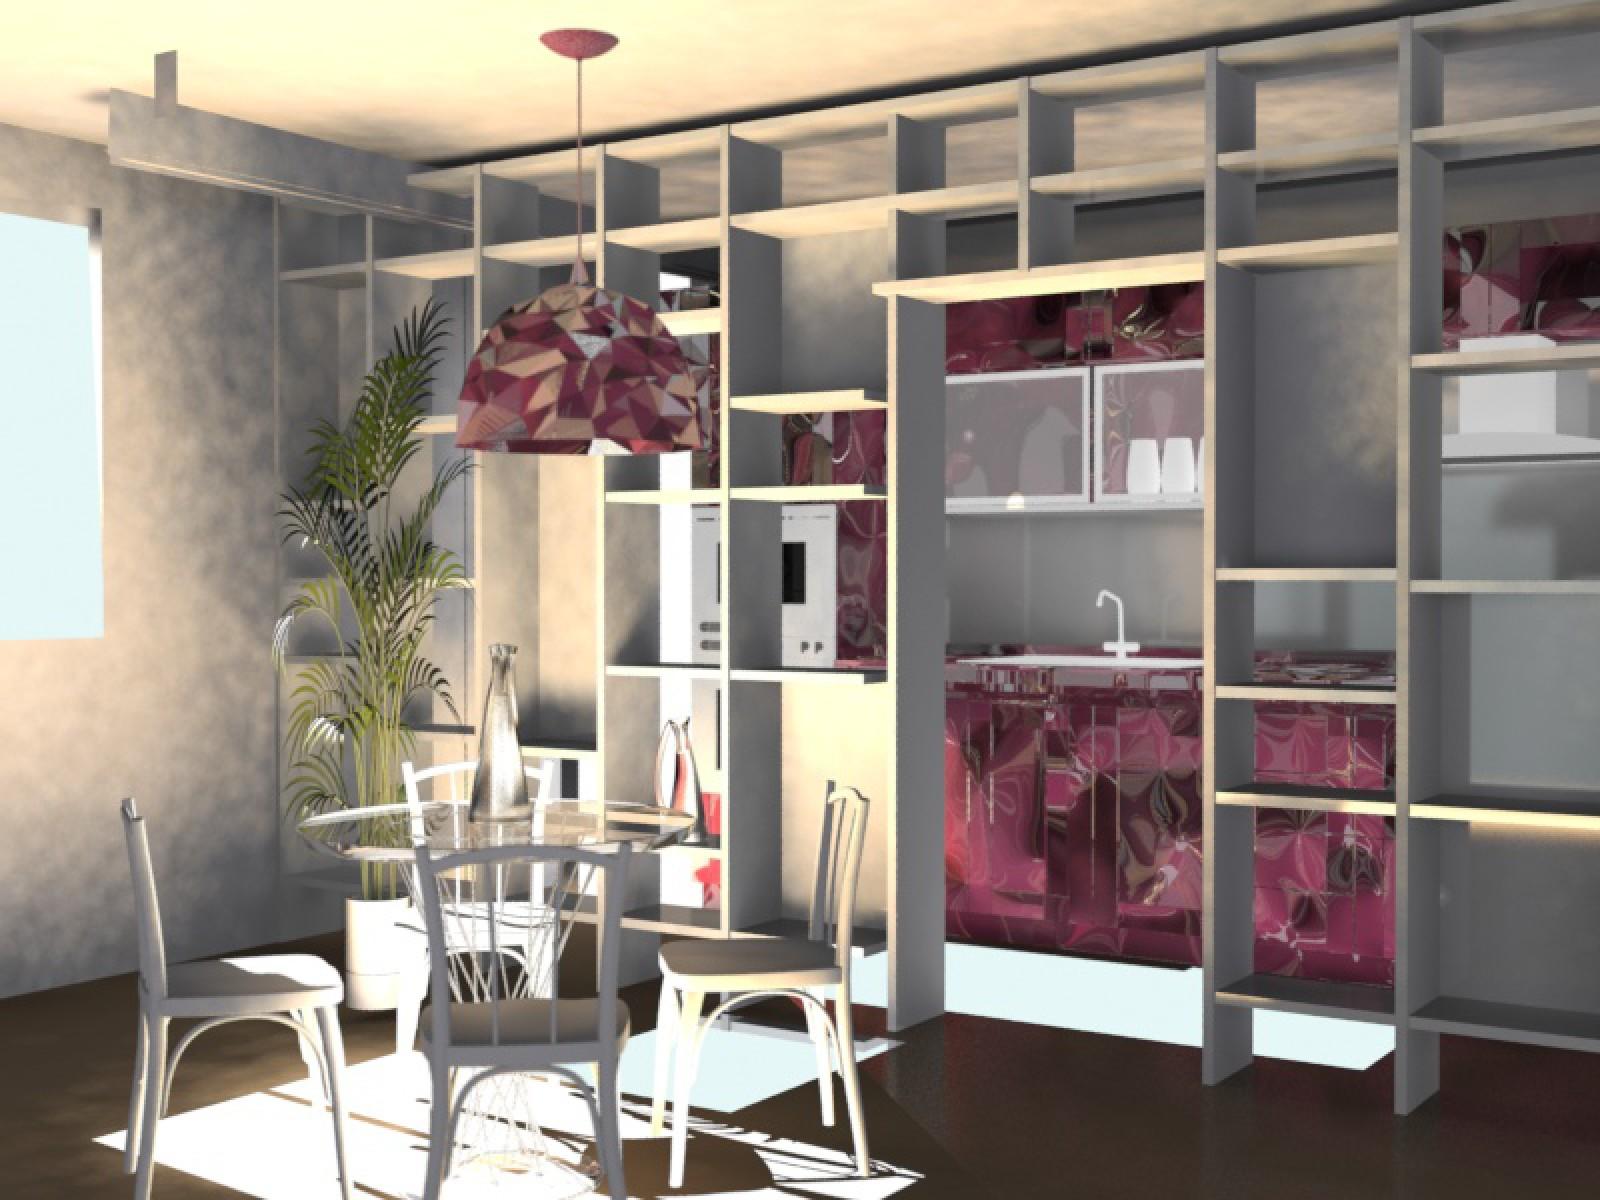 Divisori per ambienti la libreria studio di for Divisori ambienti ikea